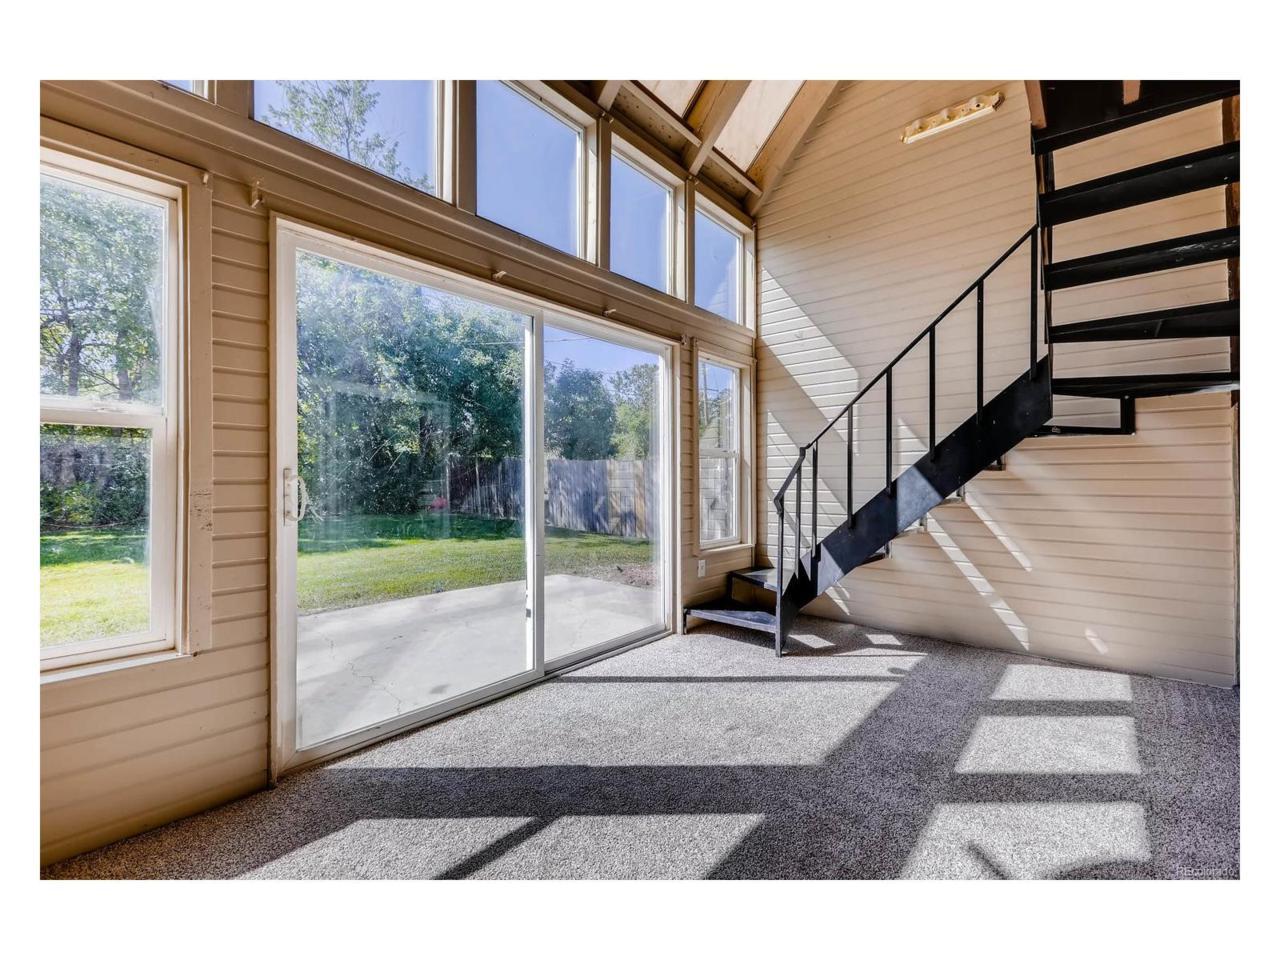 2237 S Decatur Street, Denver, CO 80219 (MLS #6040468) :: 8z Real Estate